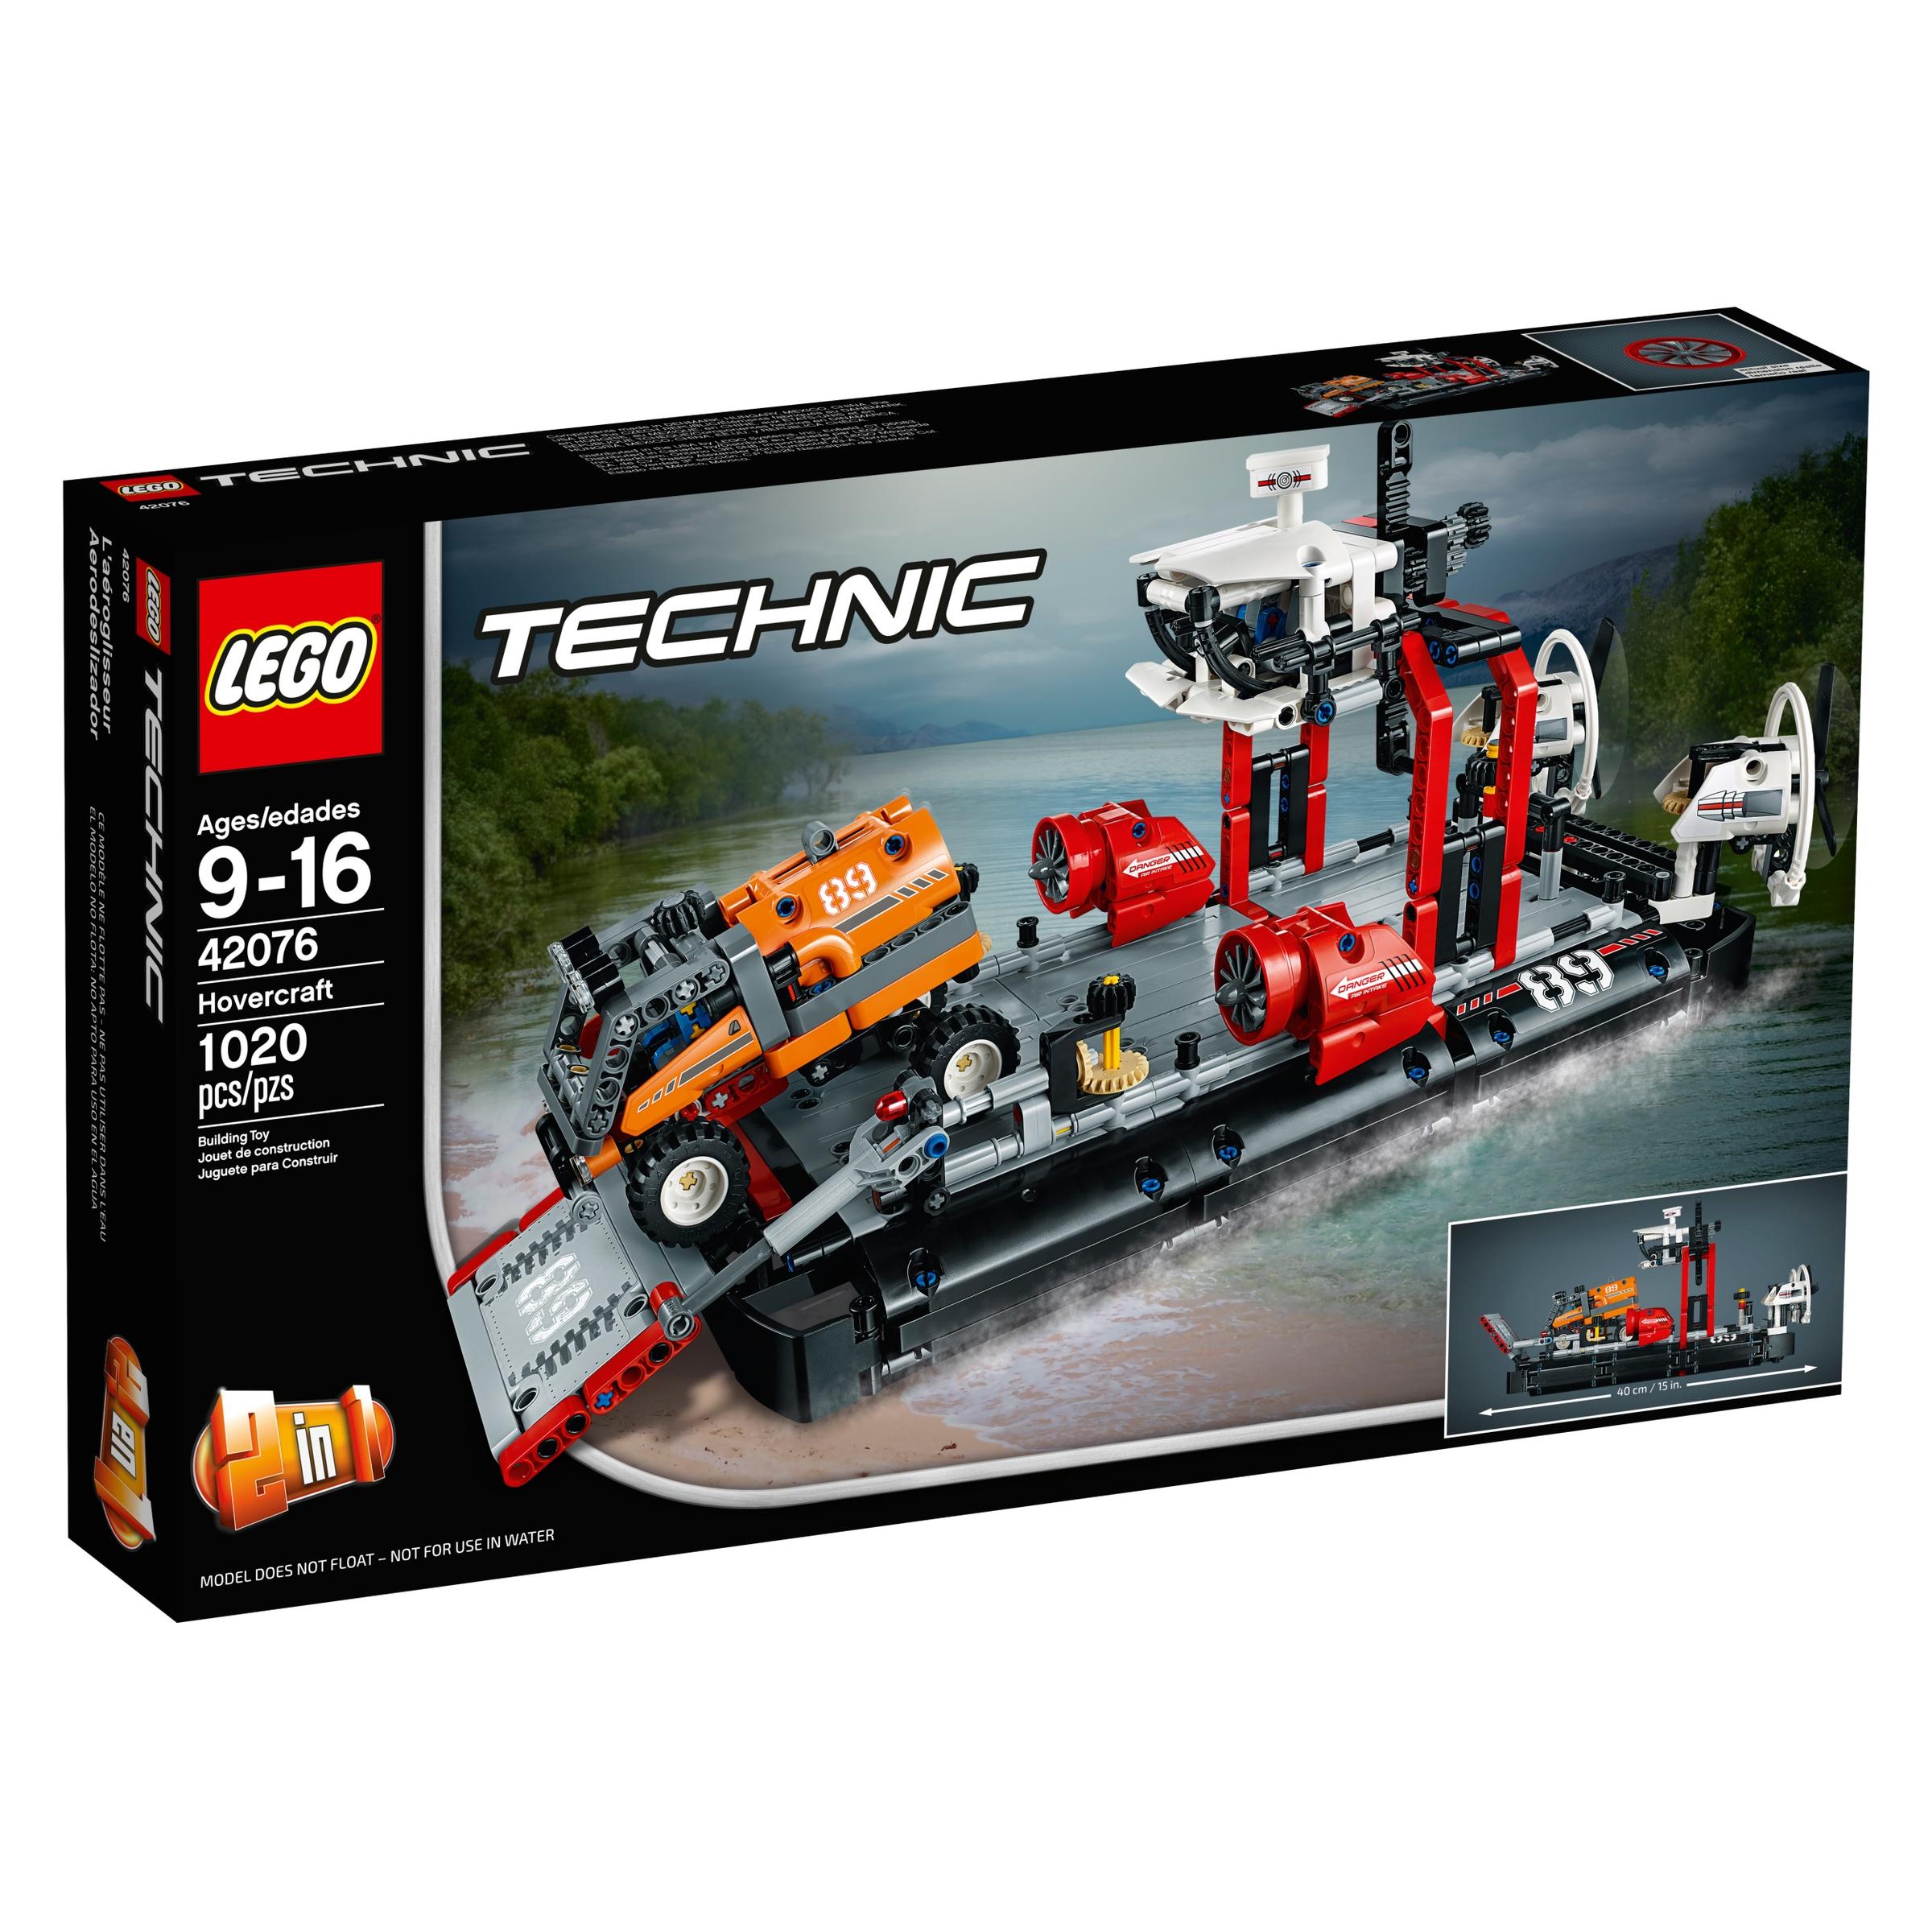 lego 42076 ilmatyynyalus